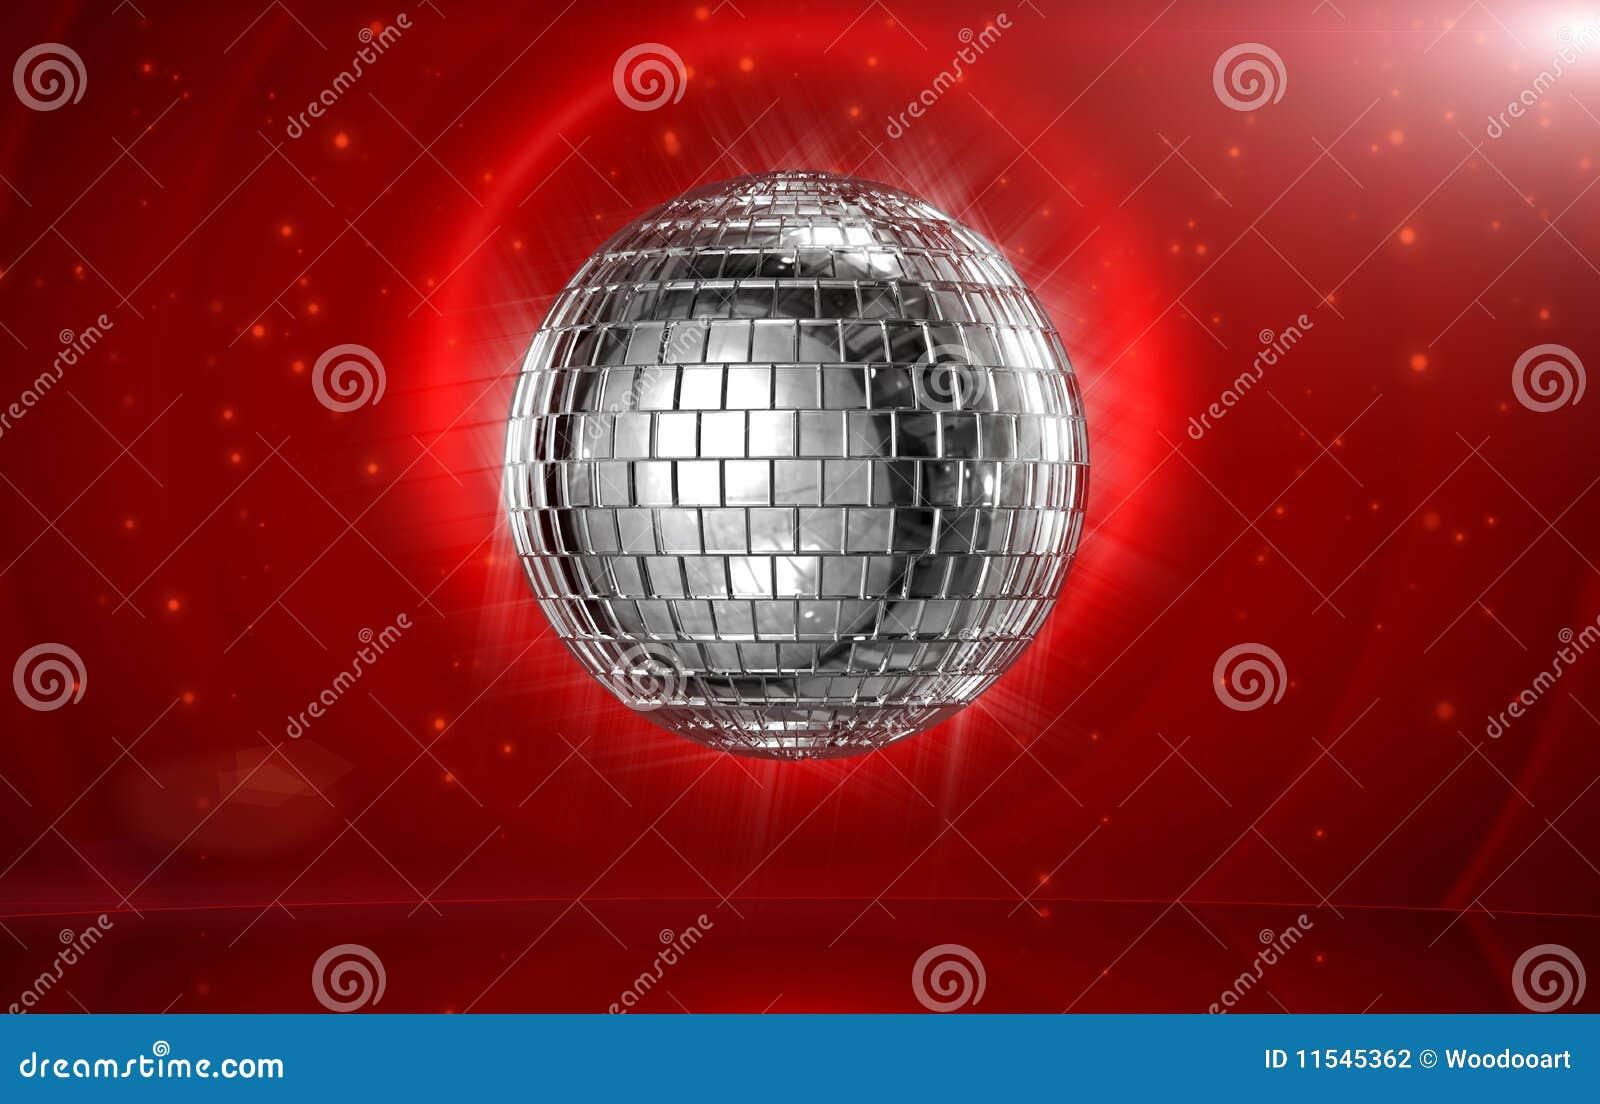 этап красного цвета диско шарика